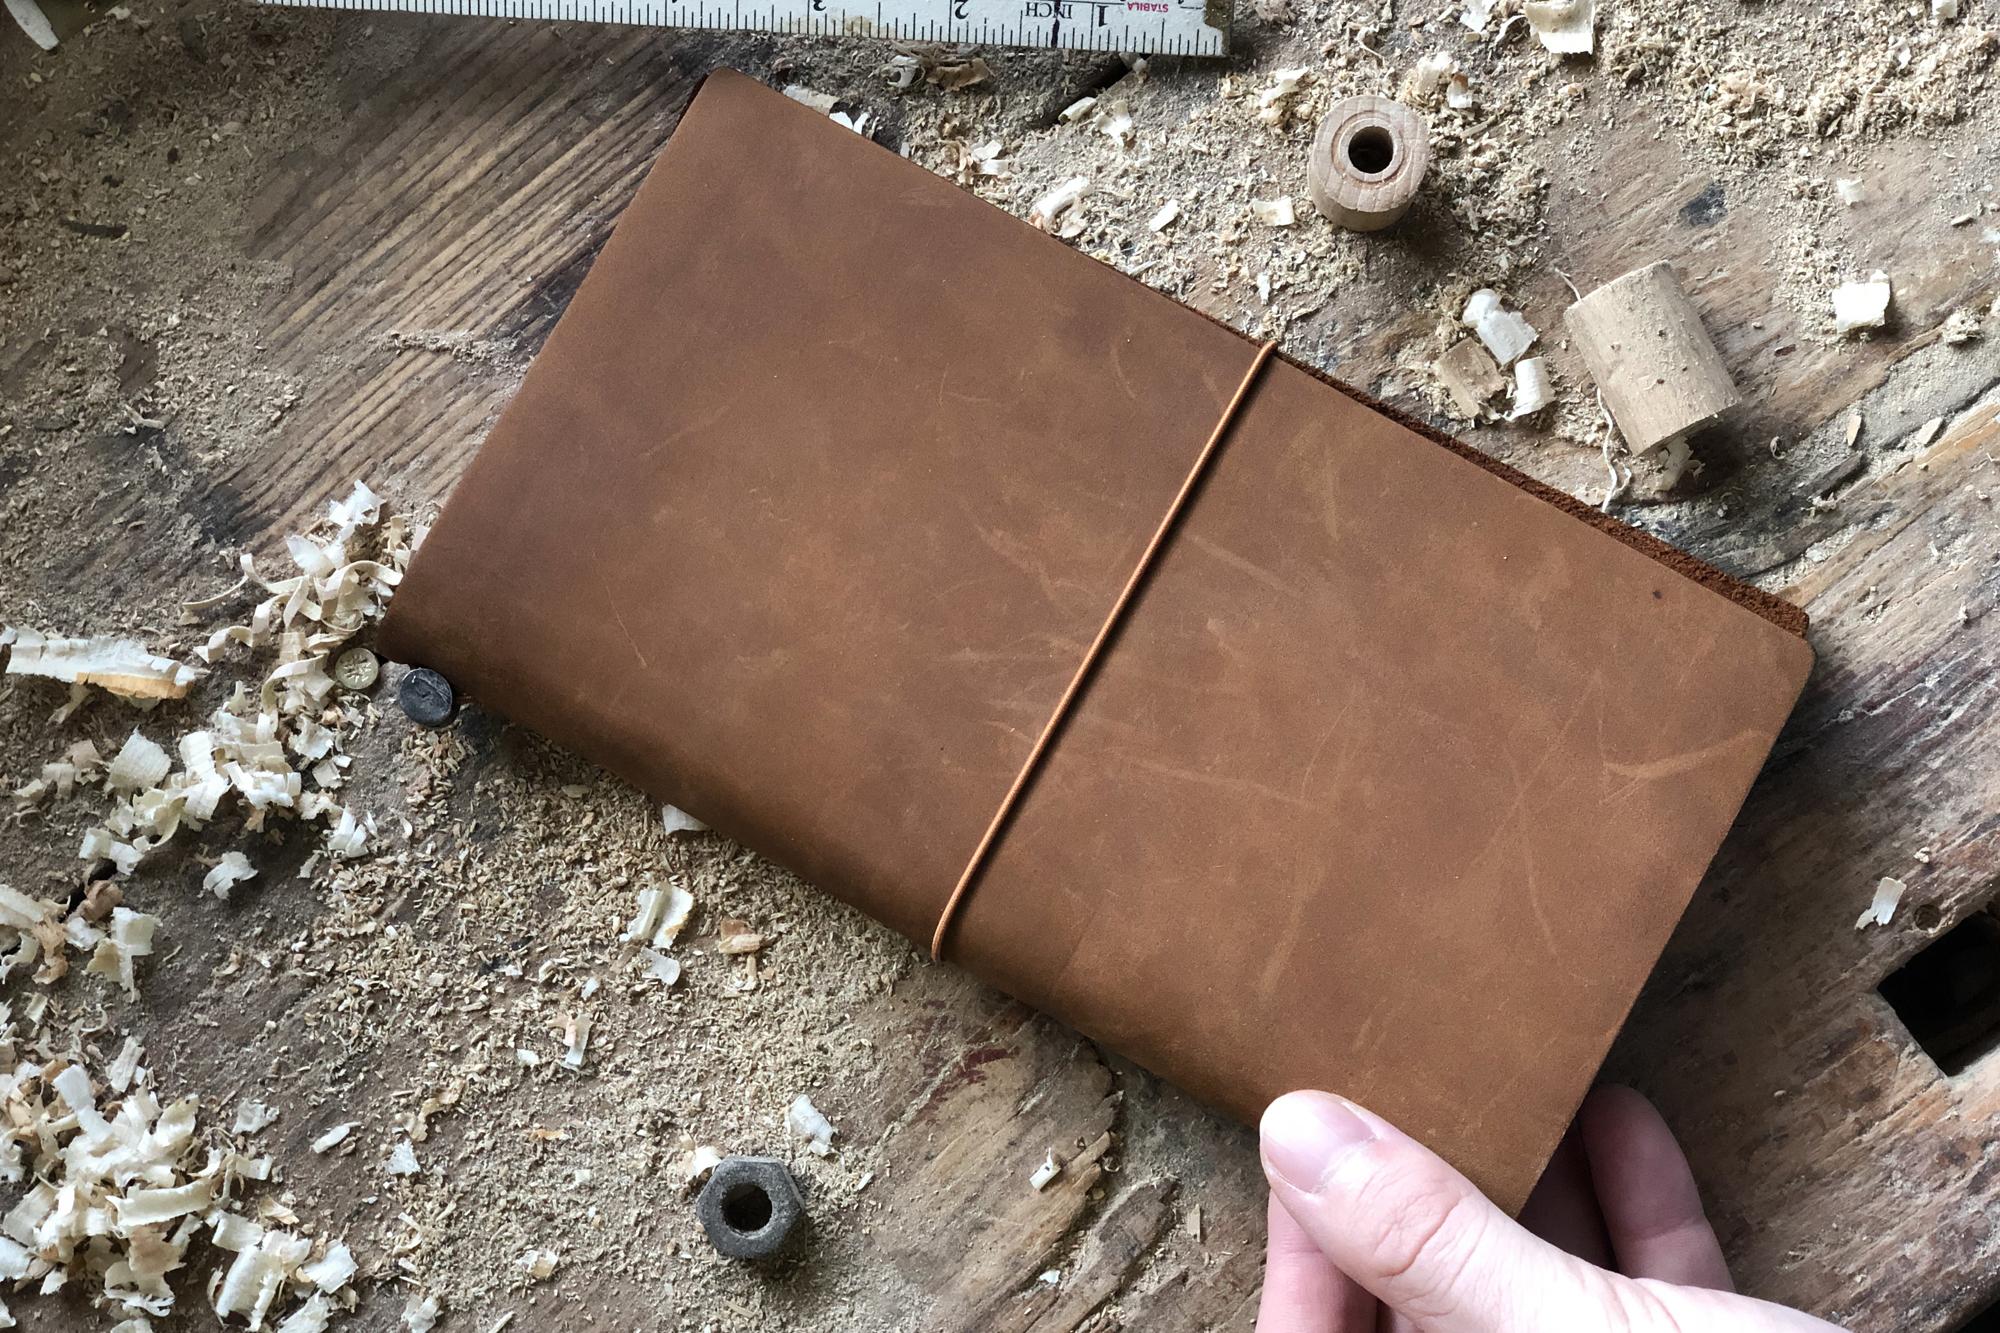 Zápisník, který čeká na váš příběh